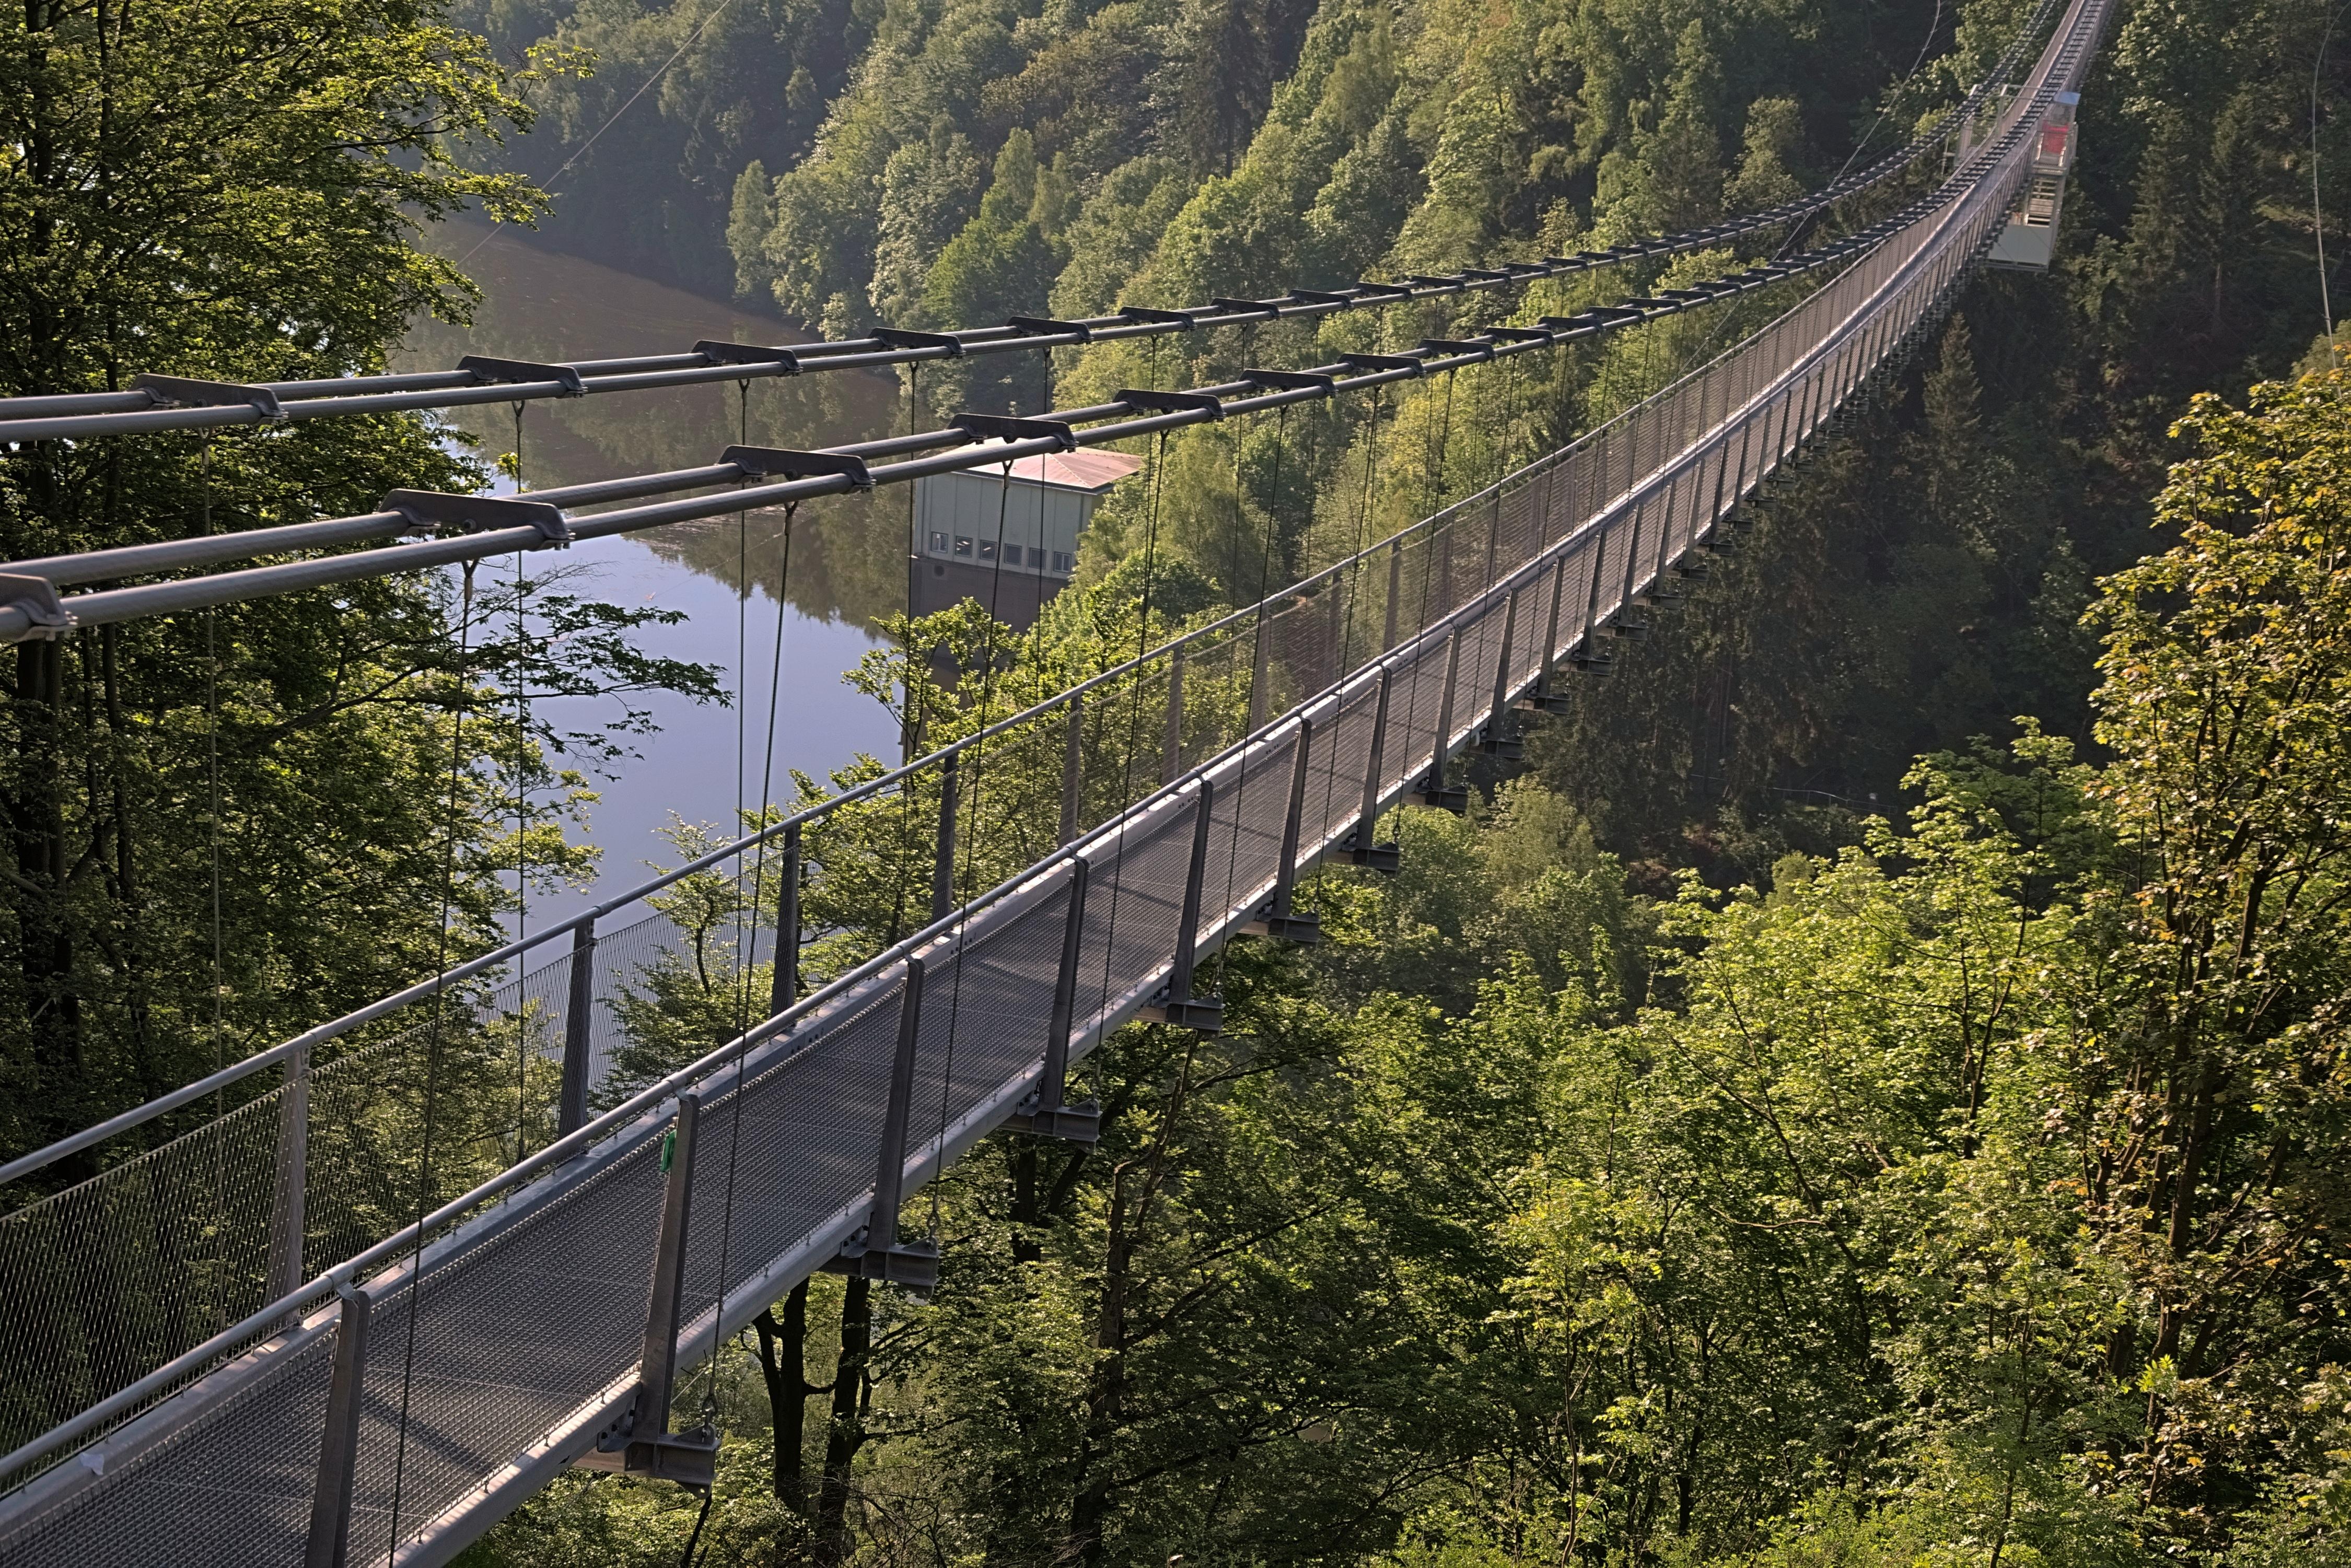 FileTitan RT longest pedestrian suspension bridge 20.jpg ...